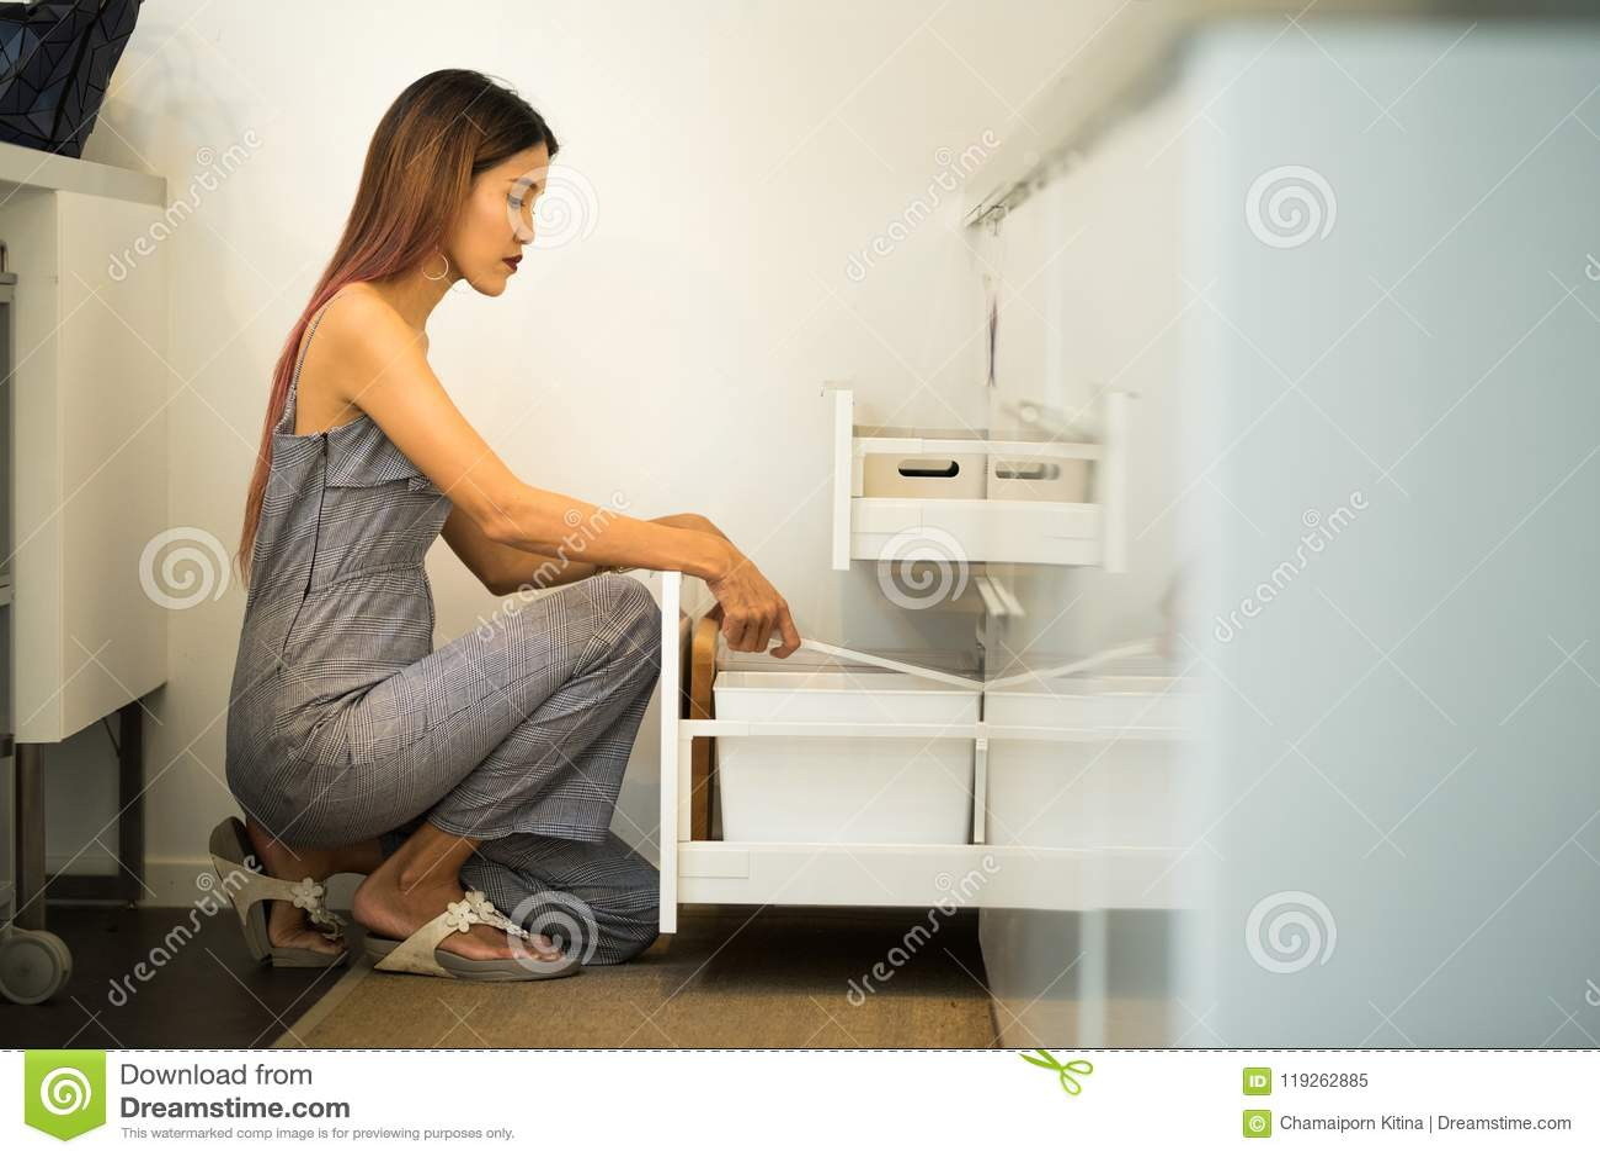 La giovane donna si siede sul ginocchio in suo armadio a giorno della cucina e trova a